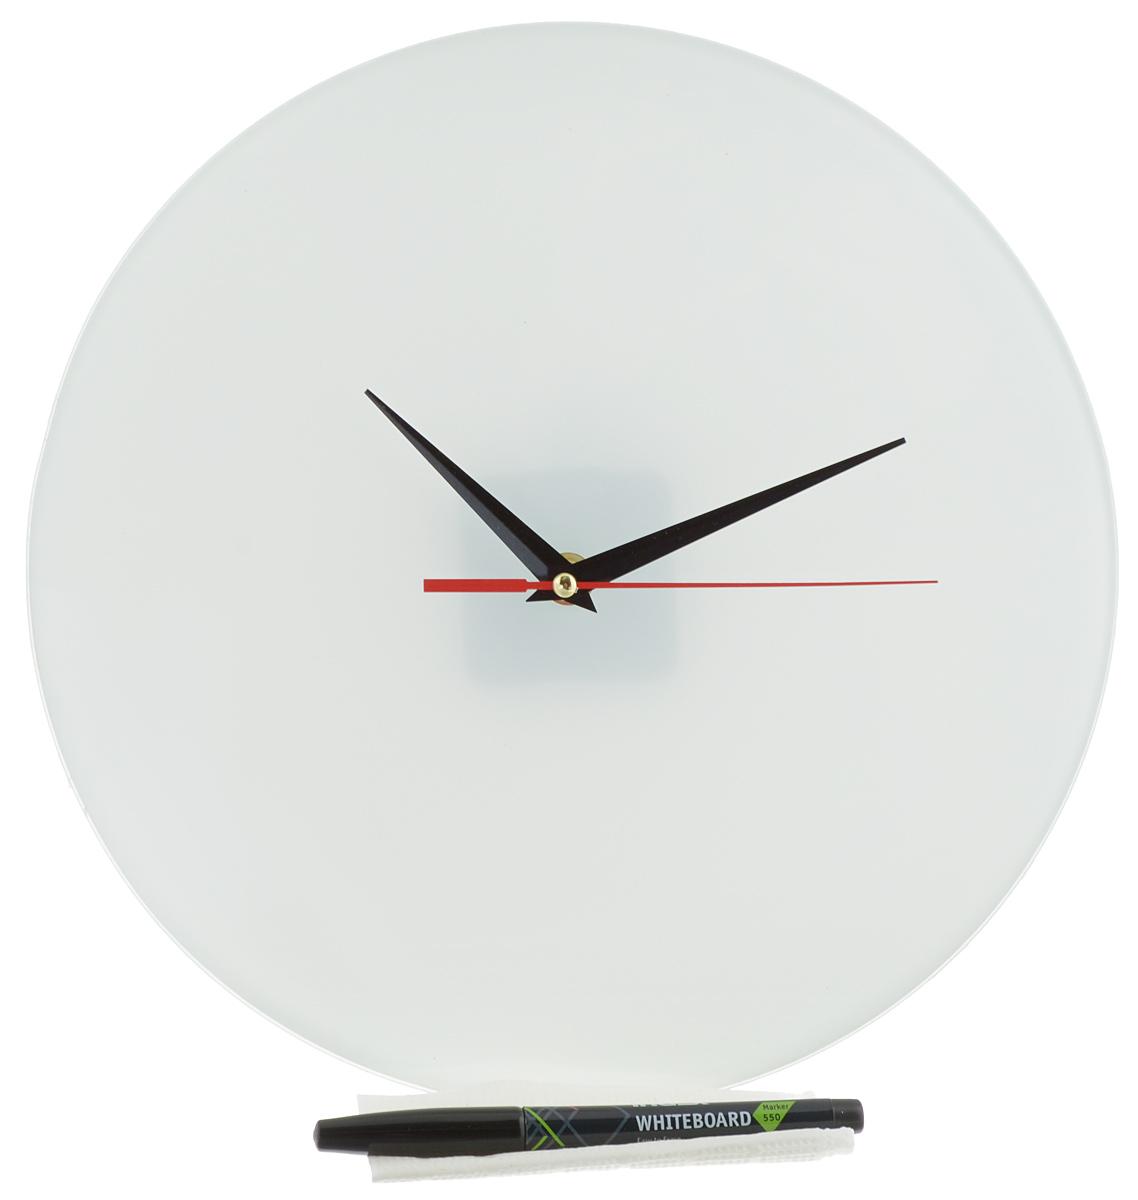 Часы настенные Эврика Нарисуй сам, стеклянные, цвет: белый, диаметр 28 см93382_стекло/маркерНастенные часы Нарисуй сам своим необычным дизайном подчеркнут стильность и оригинальность интерьера вашего дома. Циферблат часов выполнен из стекла белого цвета. В комплекте черный маркер с салфеткой, с помощью которых вы сможете сами создать дизайн ваших часов. Часы имеют три стрелки - часовую, минутную и секундную. На задней стенке часов расположена металлическая петелька для подвешивания. Часы работают от одной батарейки типа АА.Диаметр часов: 28 см.Такие часы послужат отличным подарком для ценителя ярких и необычных вещей.Батарейка в комплект не входит.